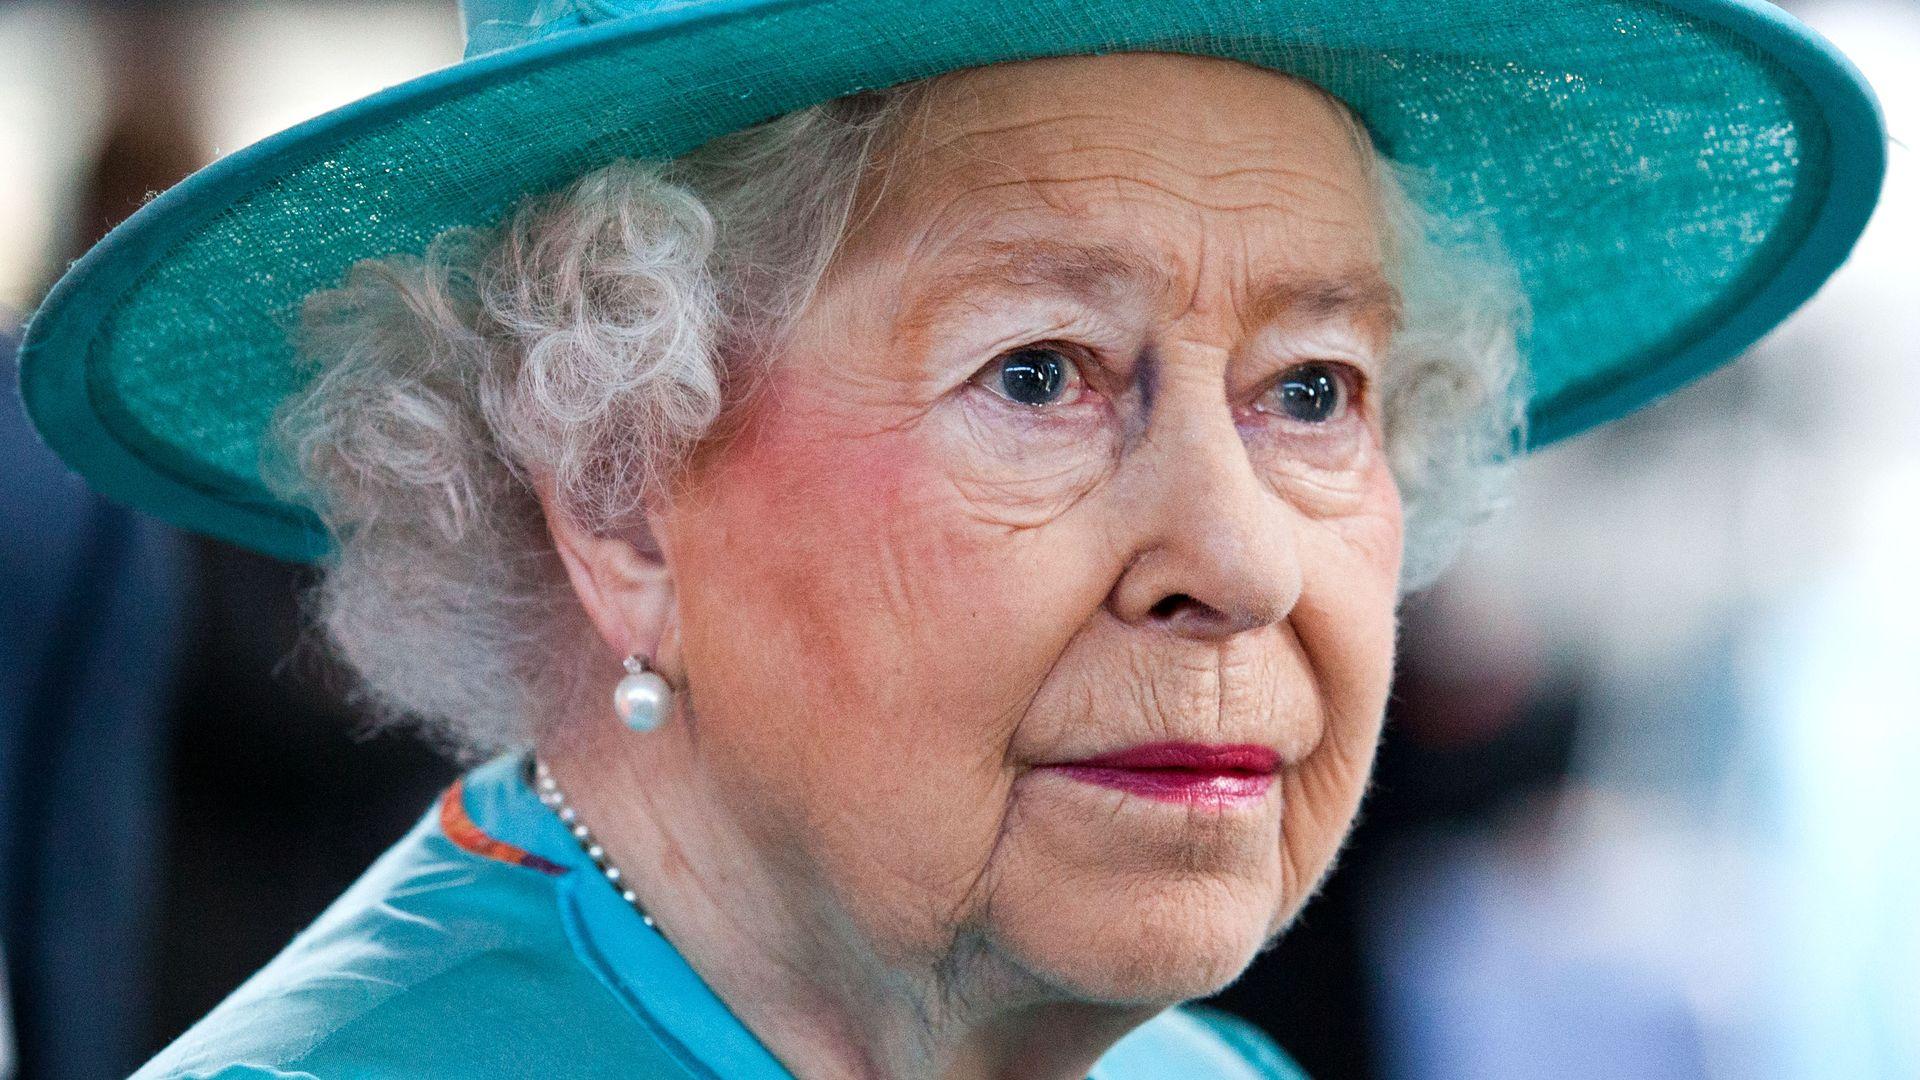 ده میلیون پوند از اموال شخصی ملکه بریتانیا در صندوق های فراساحلی سرمایه گذاری شده بود